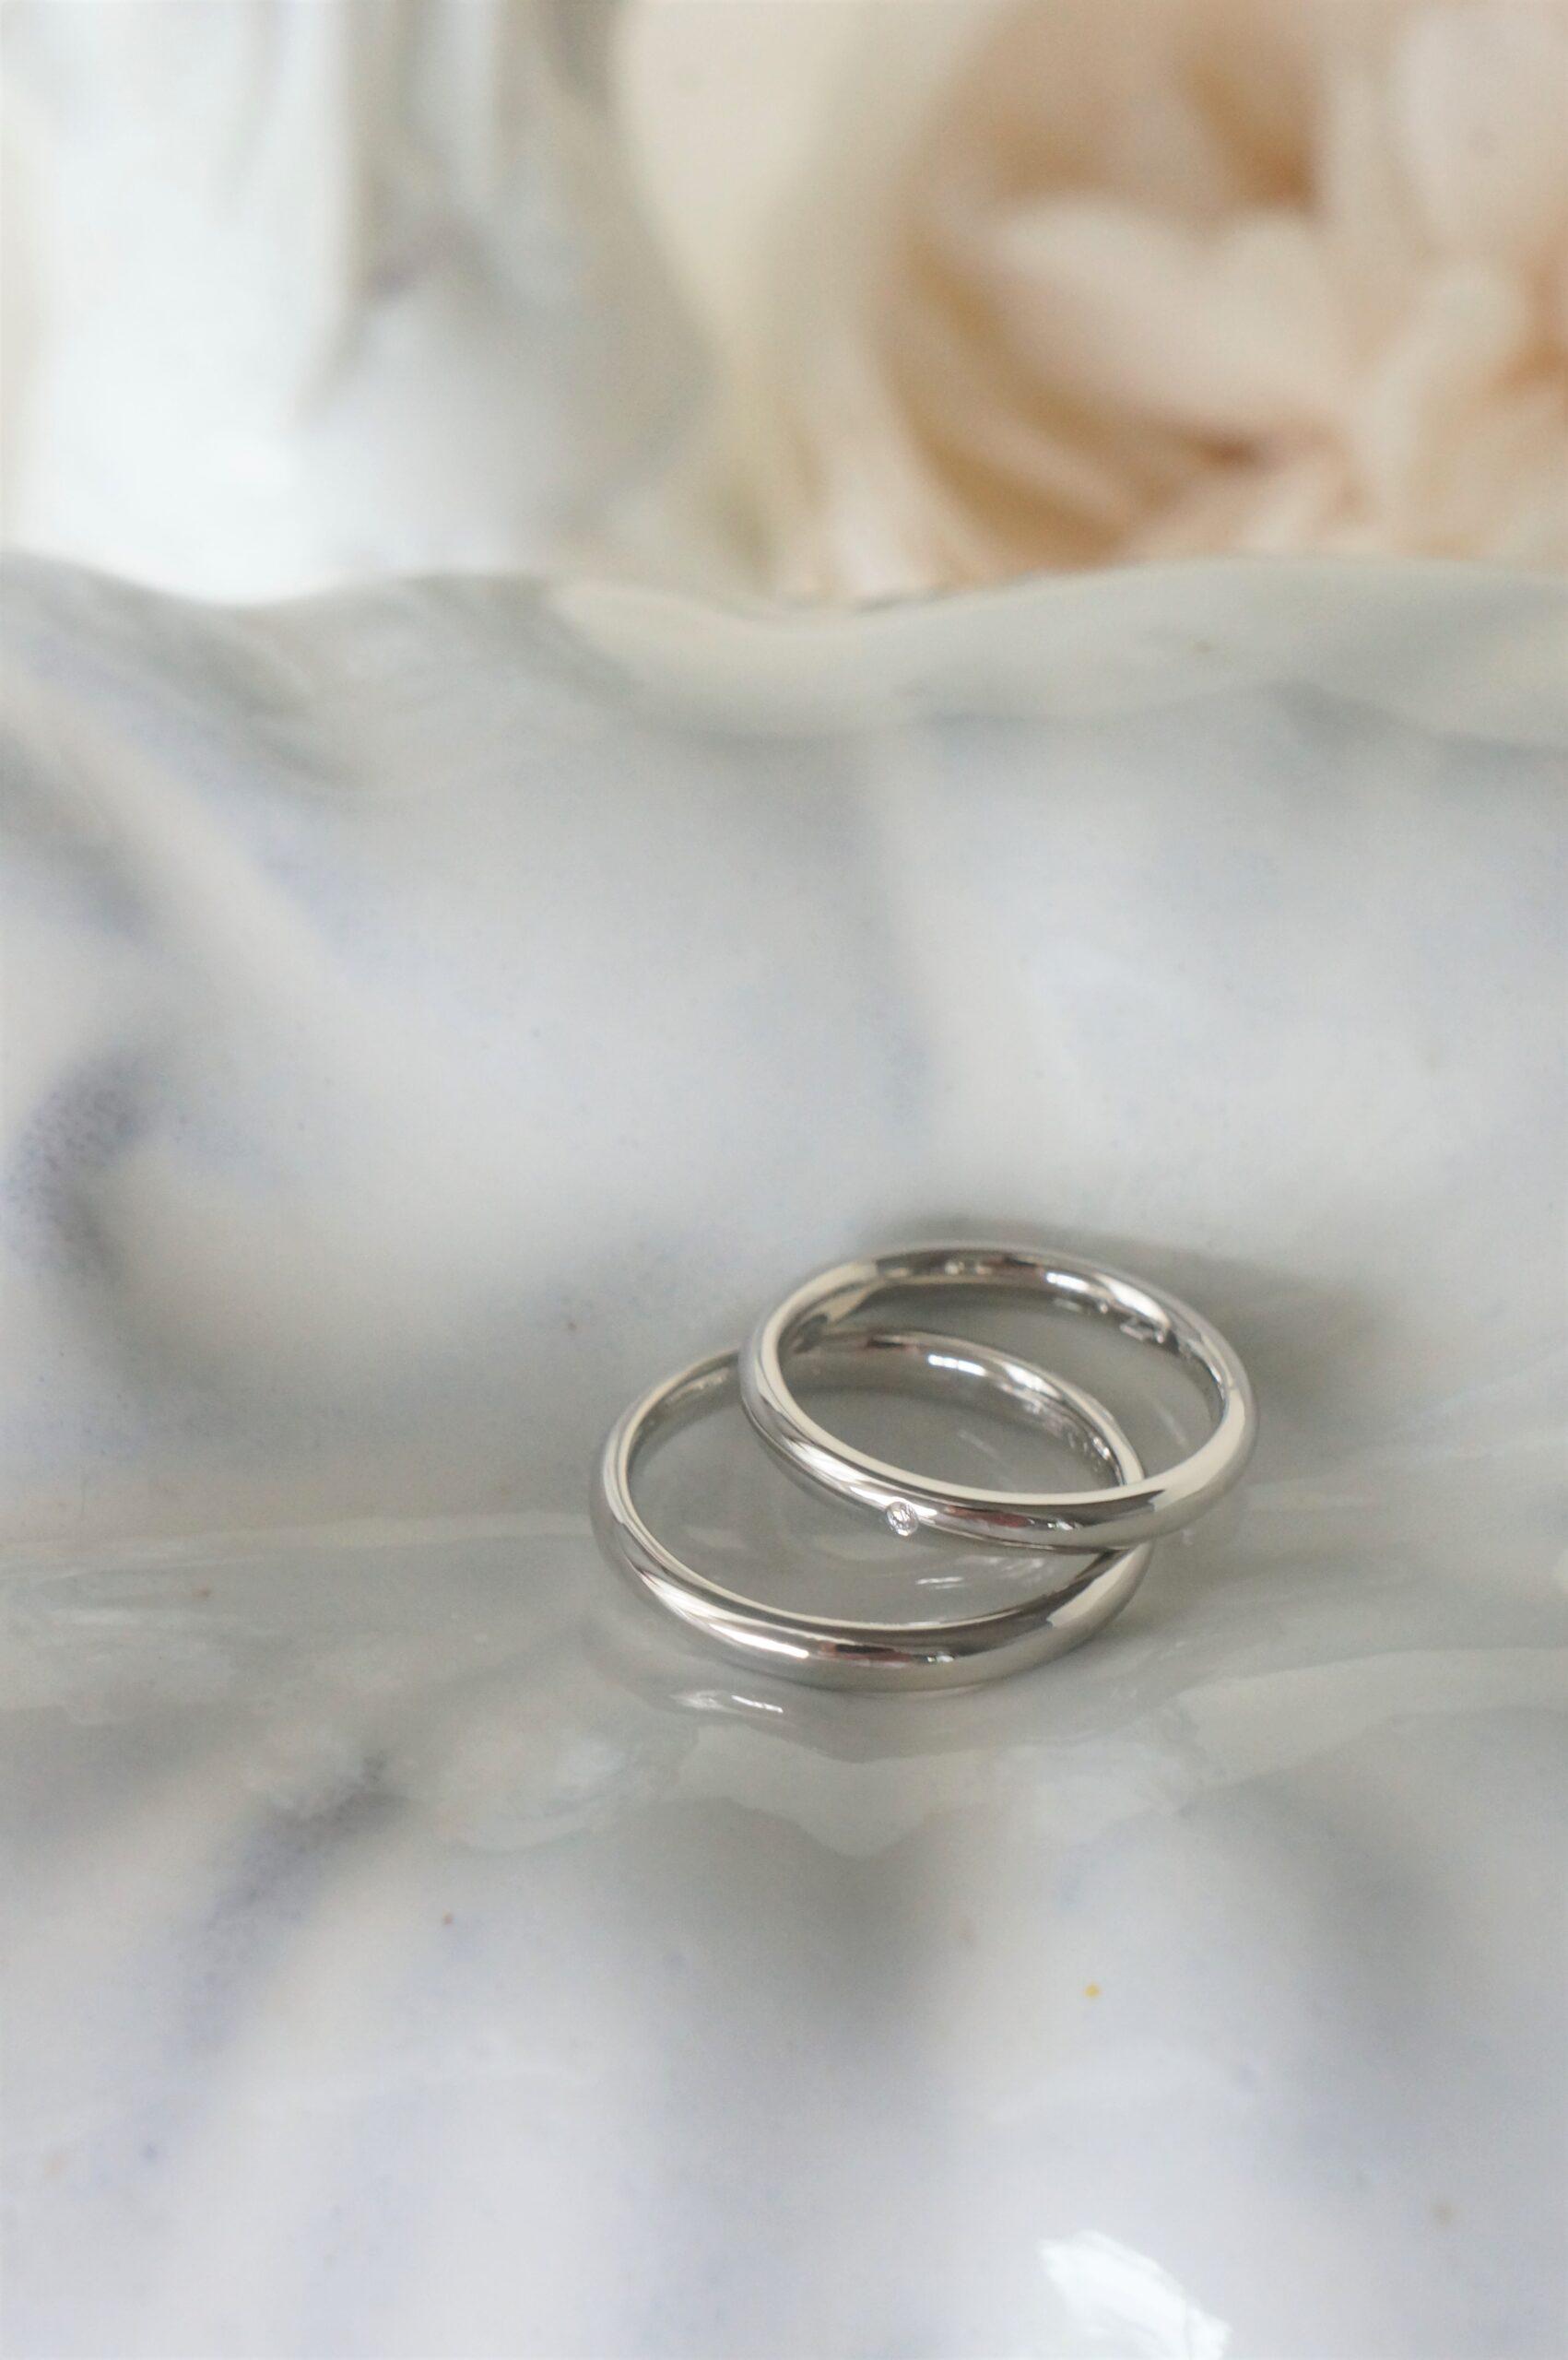 純白のリングにダイアモンドの煌めきをさりげなく 結婚指輪